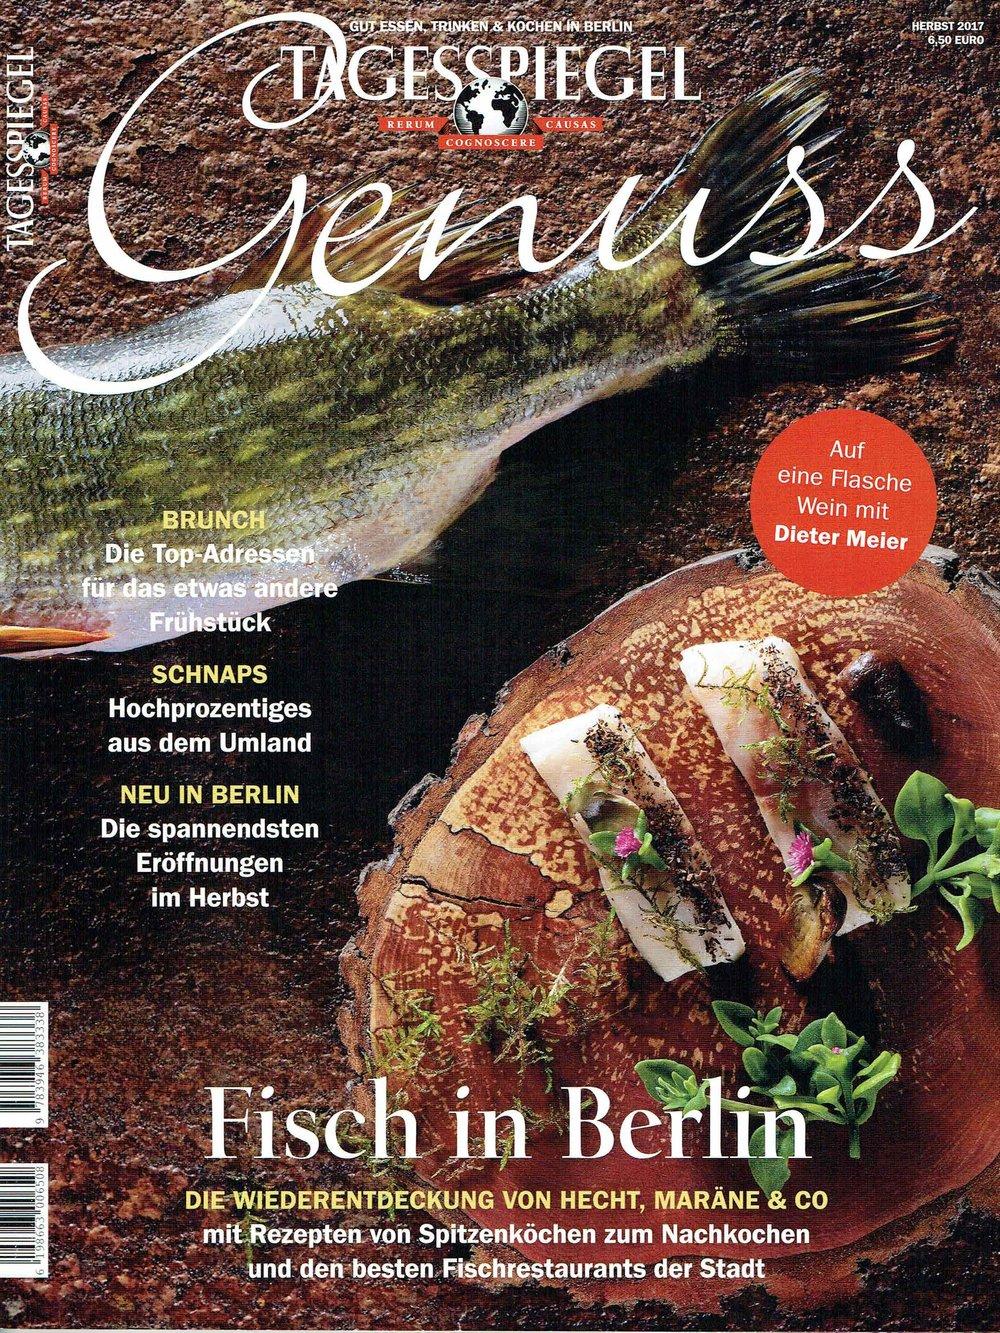 TagesspiegelGenuss_Herbst2017_Page_1.jpg